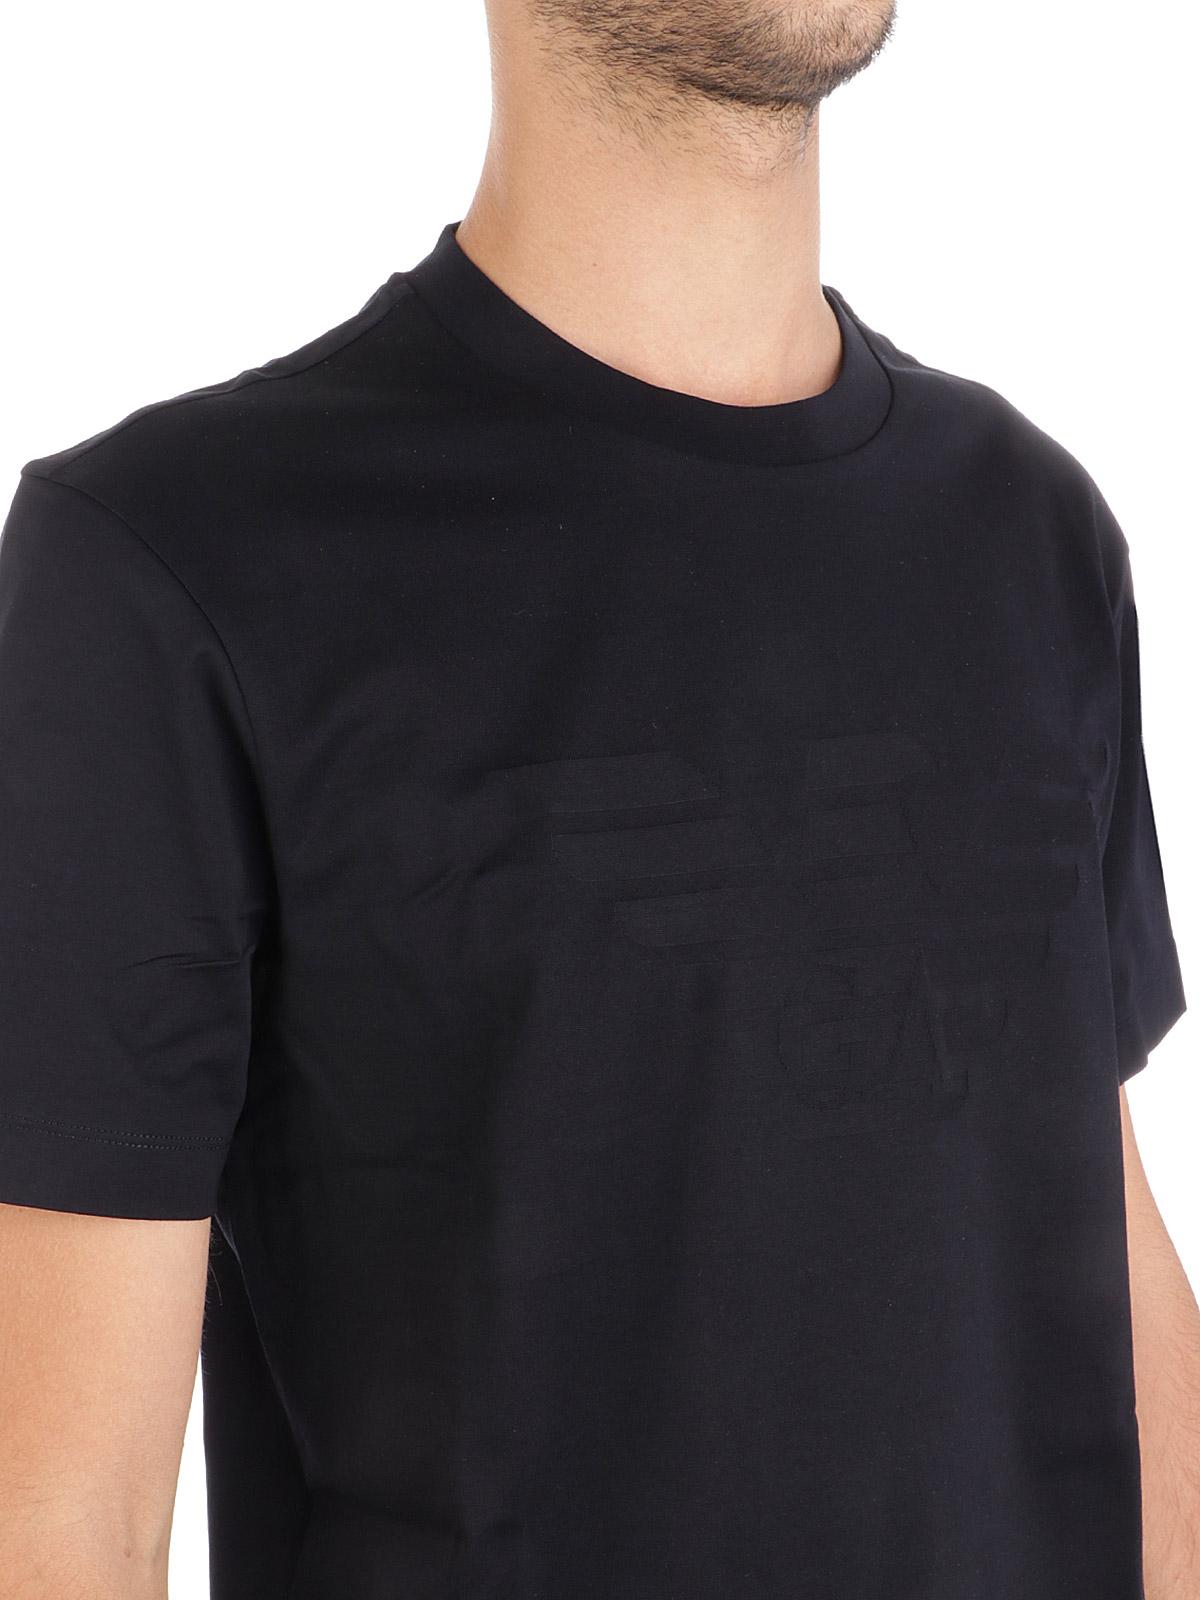 Immagine di EMPORIO ARMANI | T-Shirt Uomo Logo Rilievo